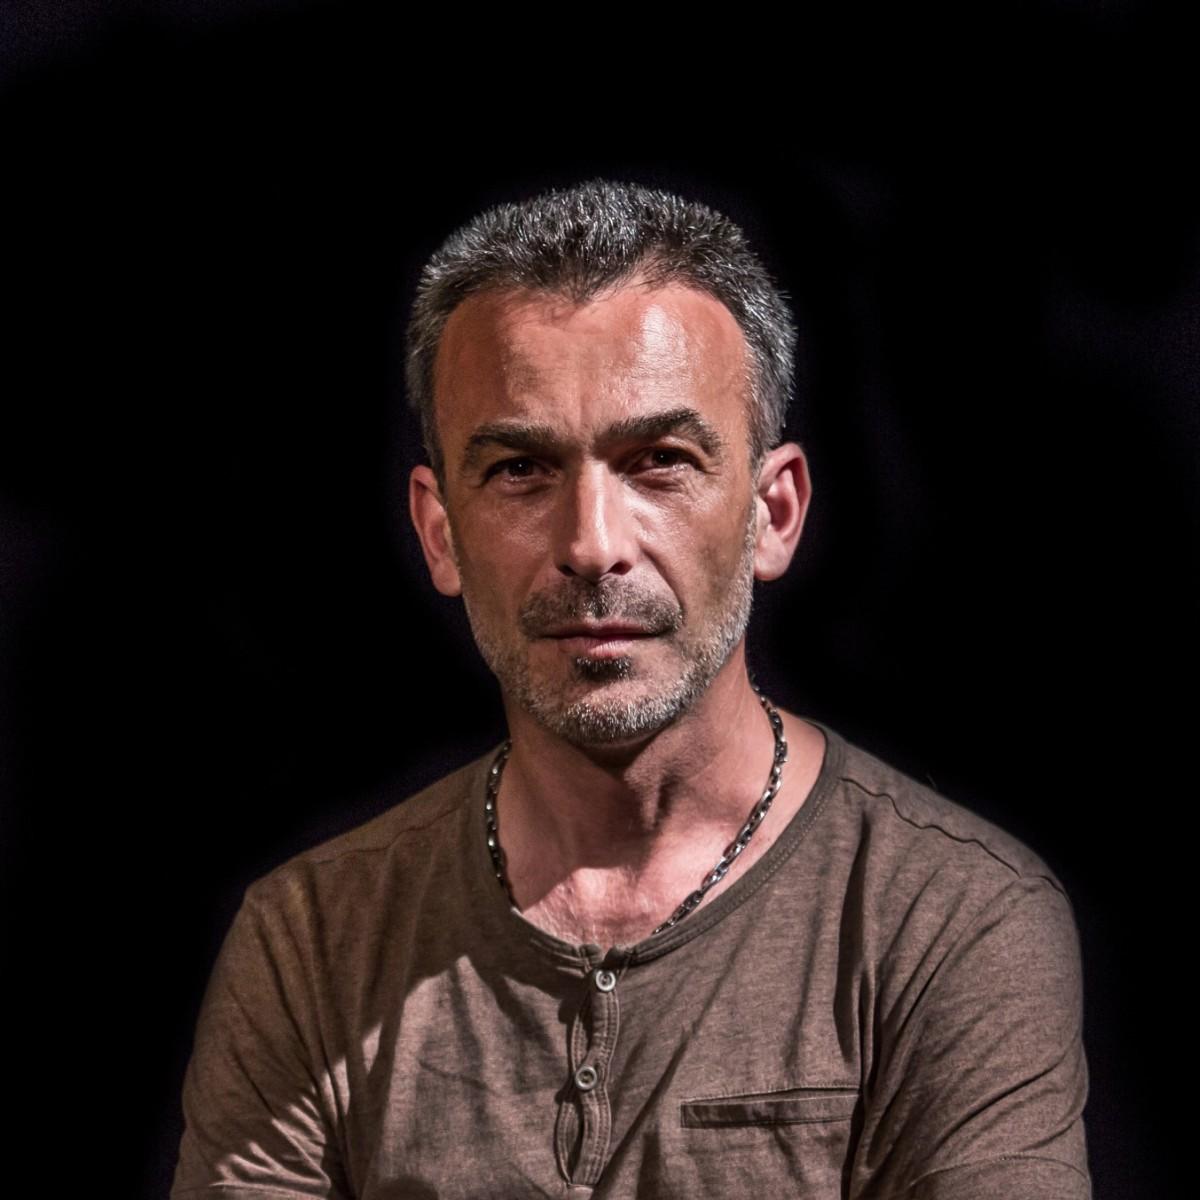 Mihai Vălu